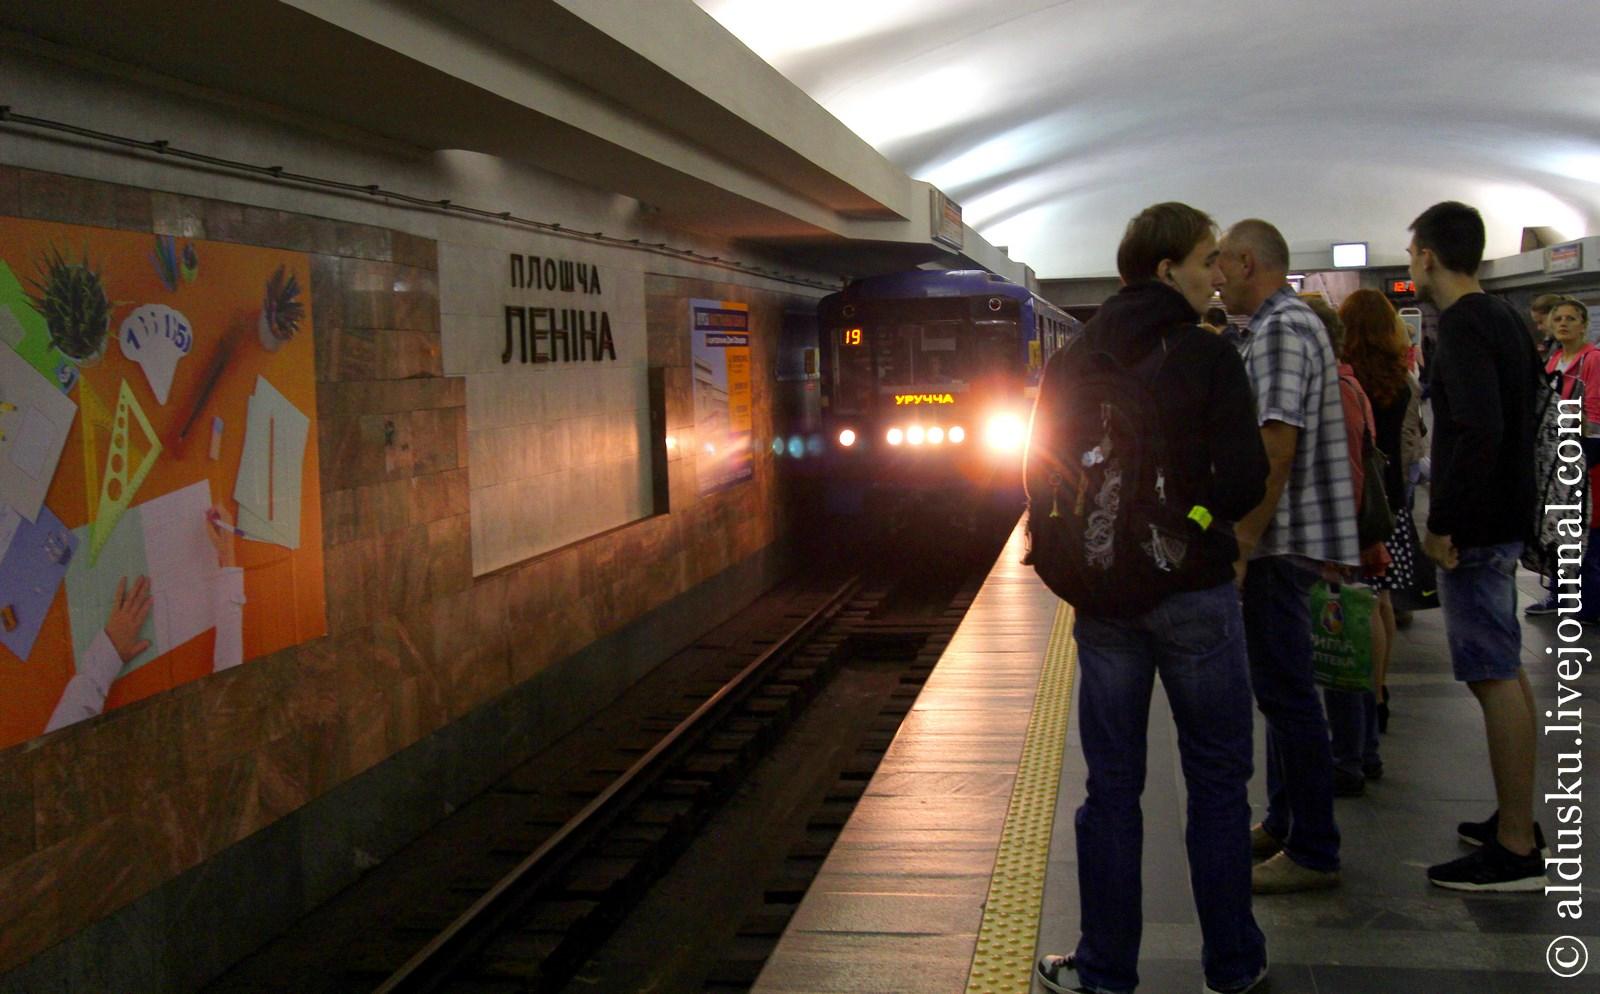 Станция метро Ленина